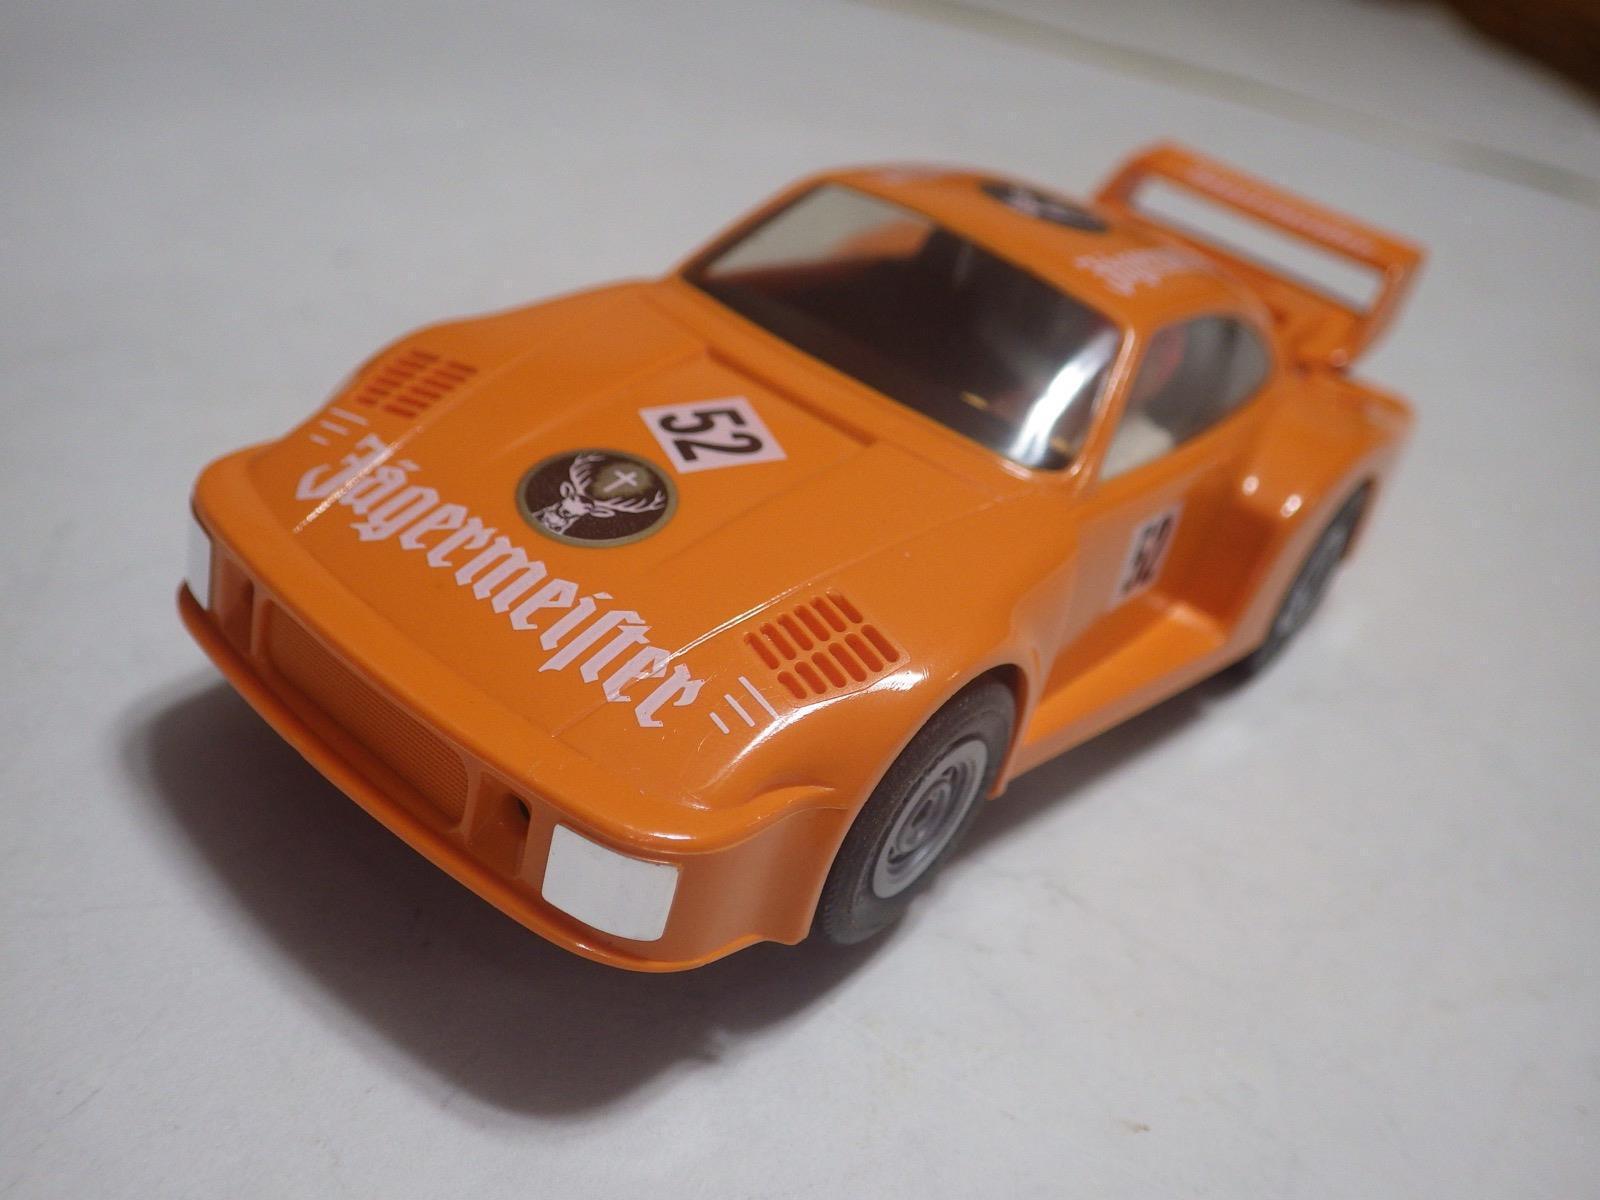 Fleischmann Auto-Rallye (Alemania) Naranja Porsche 935 Delantales de ranura de coche 132